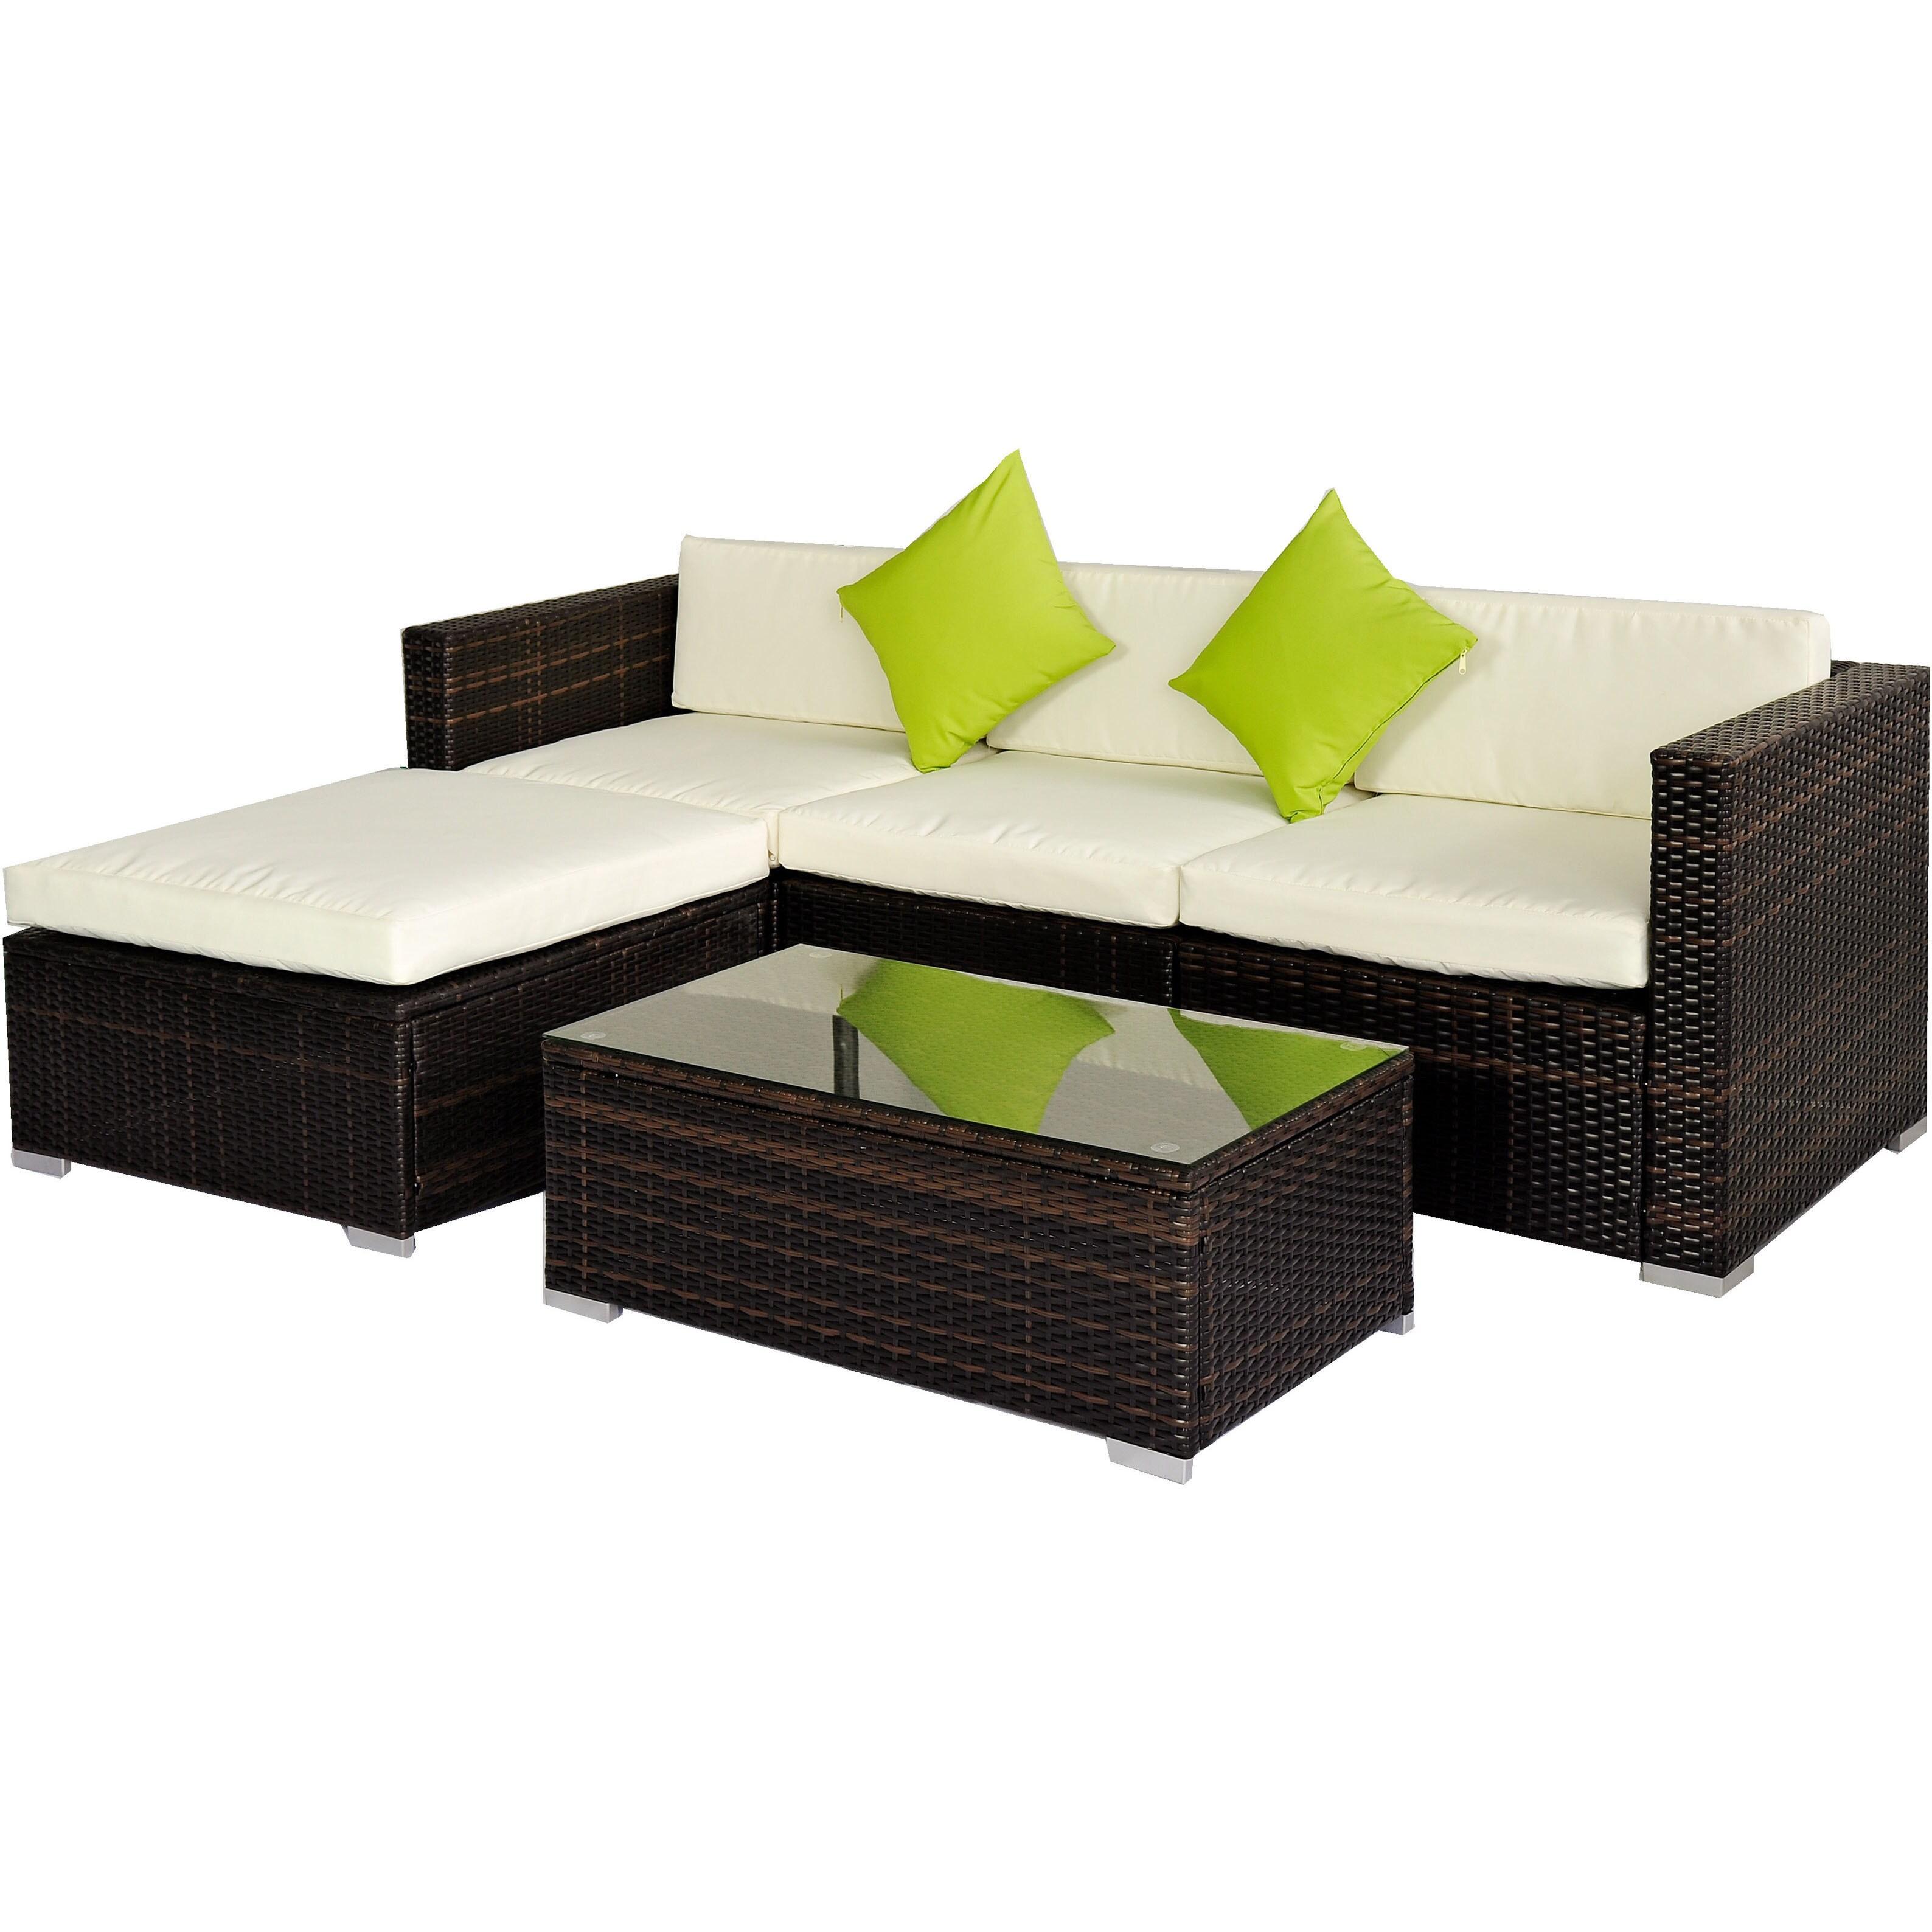 BroyerK 5 piece Rattan Outdoor Patio Furniture Set